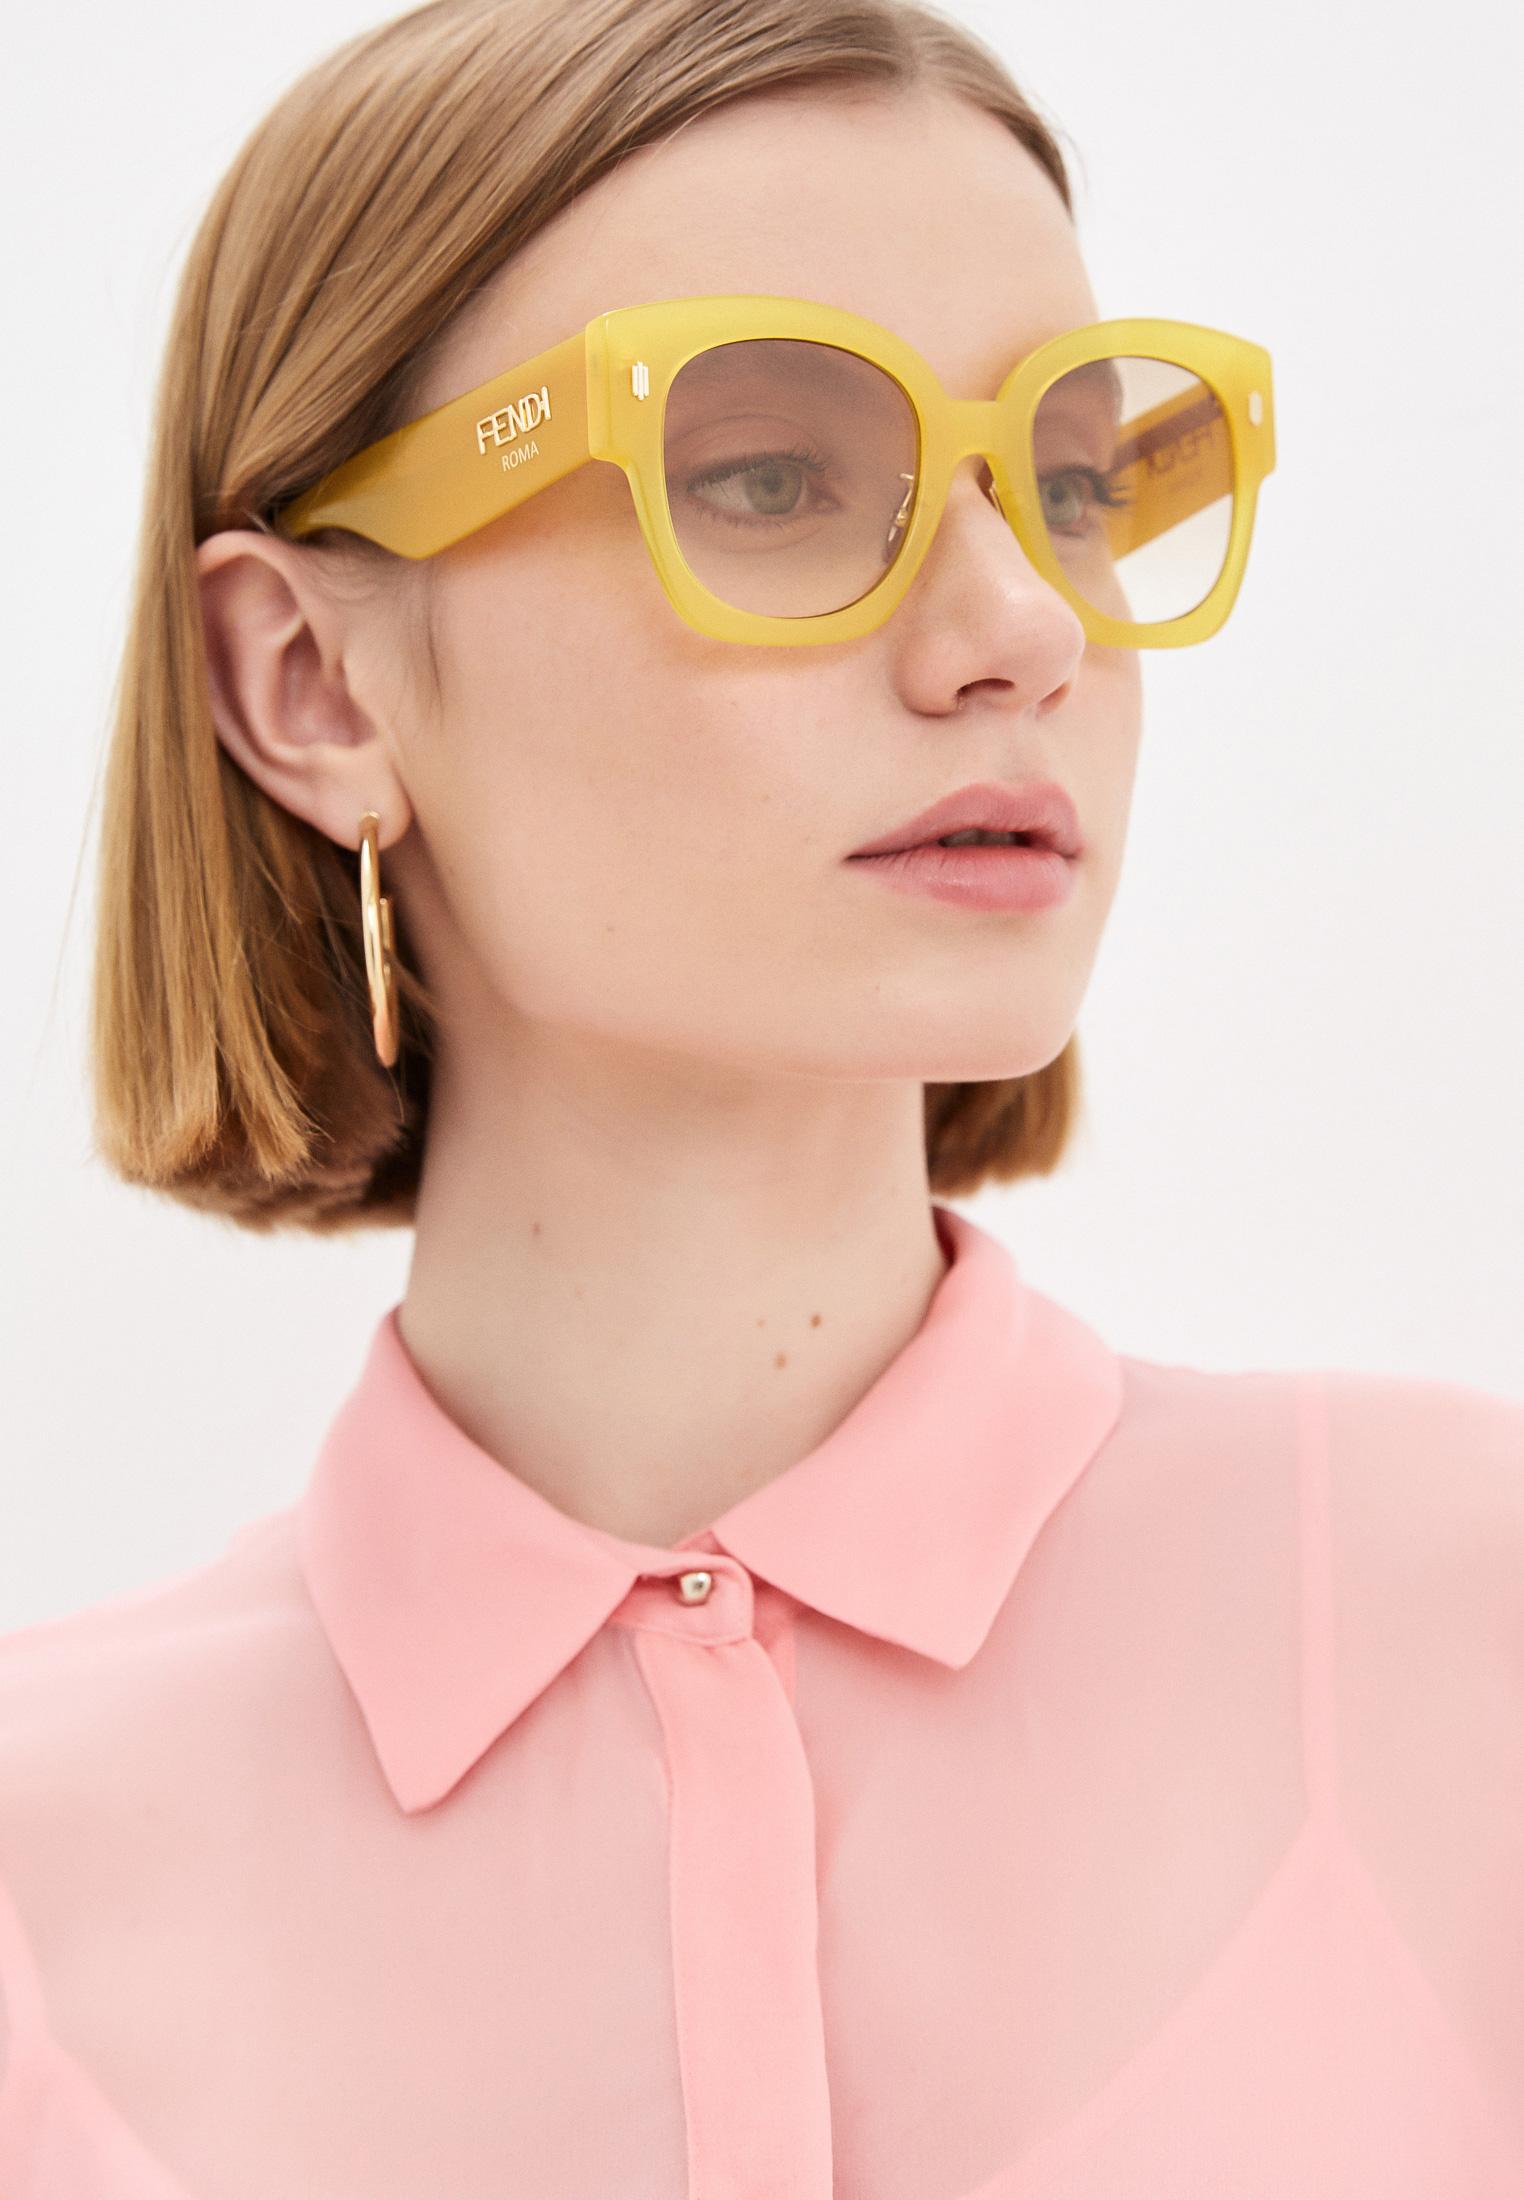 Женские солнцезащитные очки Fendi (Фенди) Очки солнцезащитные Fendi